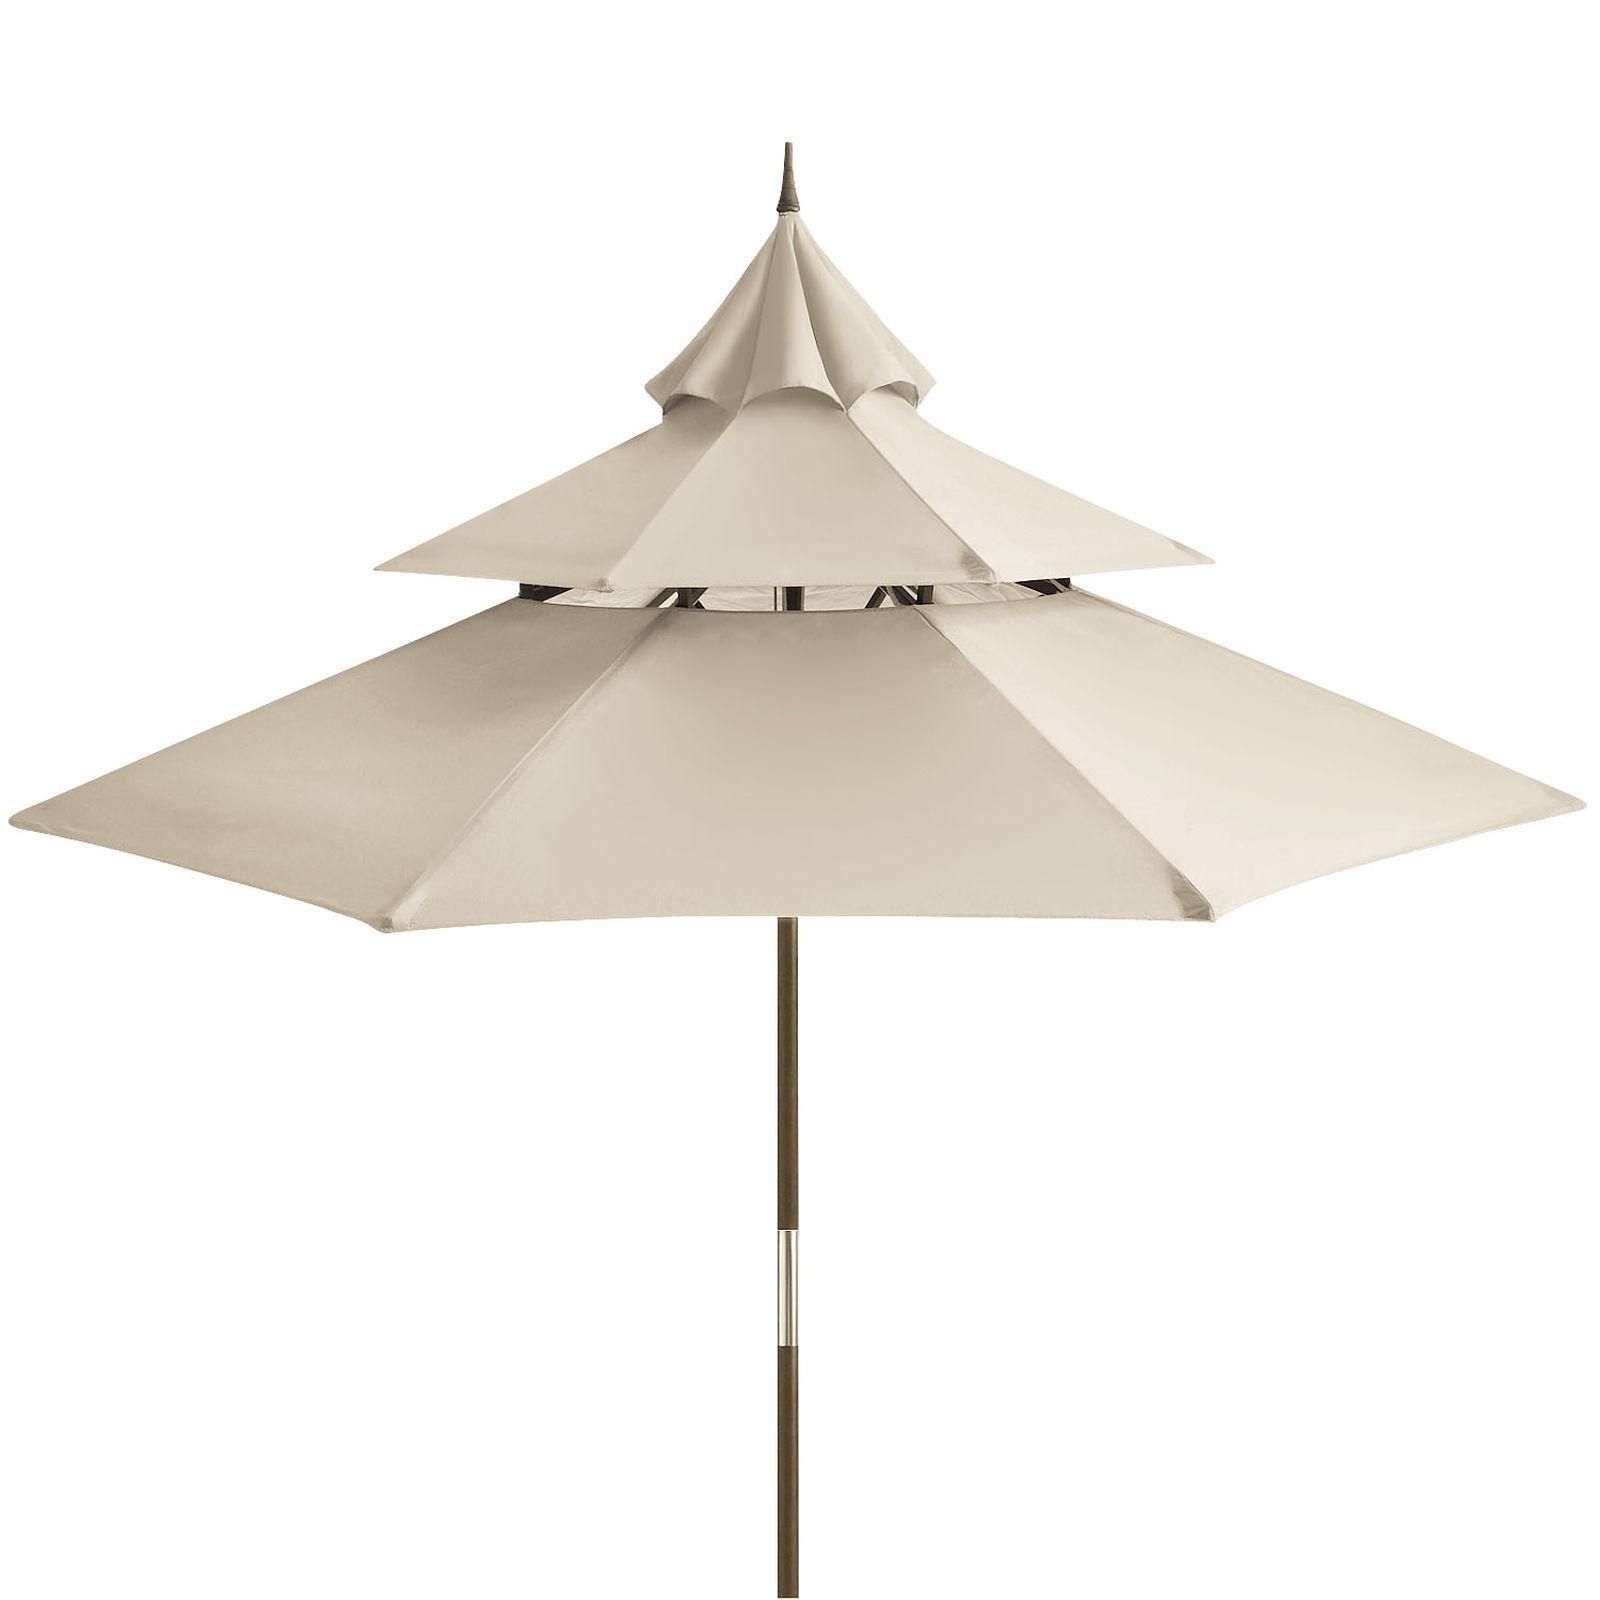 Lani Beige Umbrella